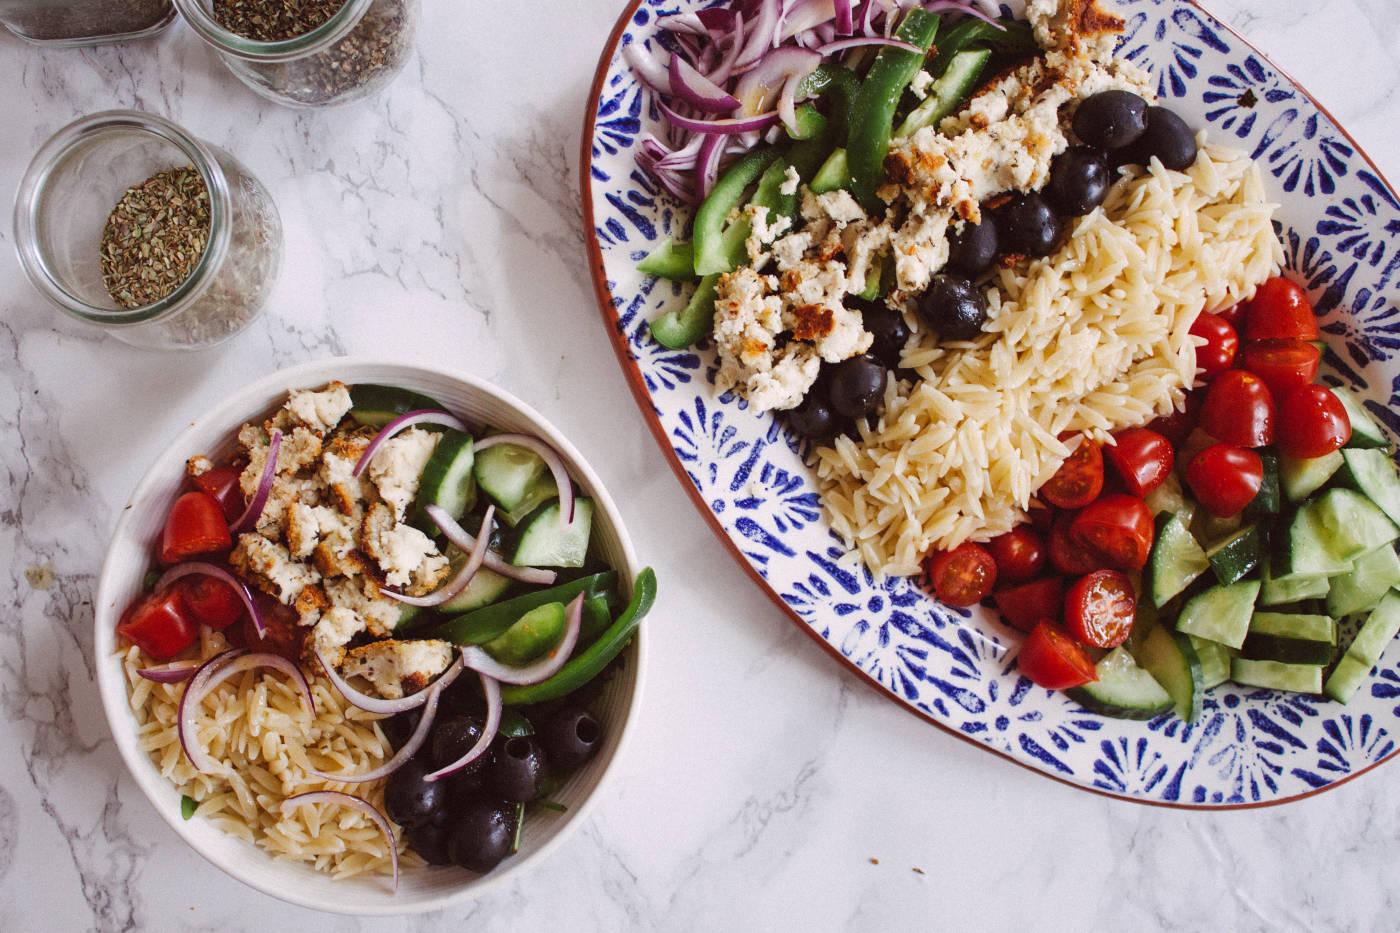 veganer griechischer salat mit feta aus mandeln zucker jagdwurst. Black Bedroom Furniture Sets. Home Design Ideas